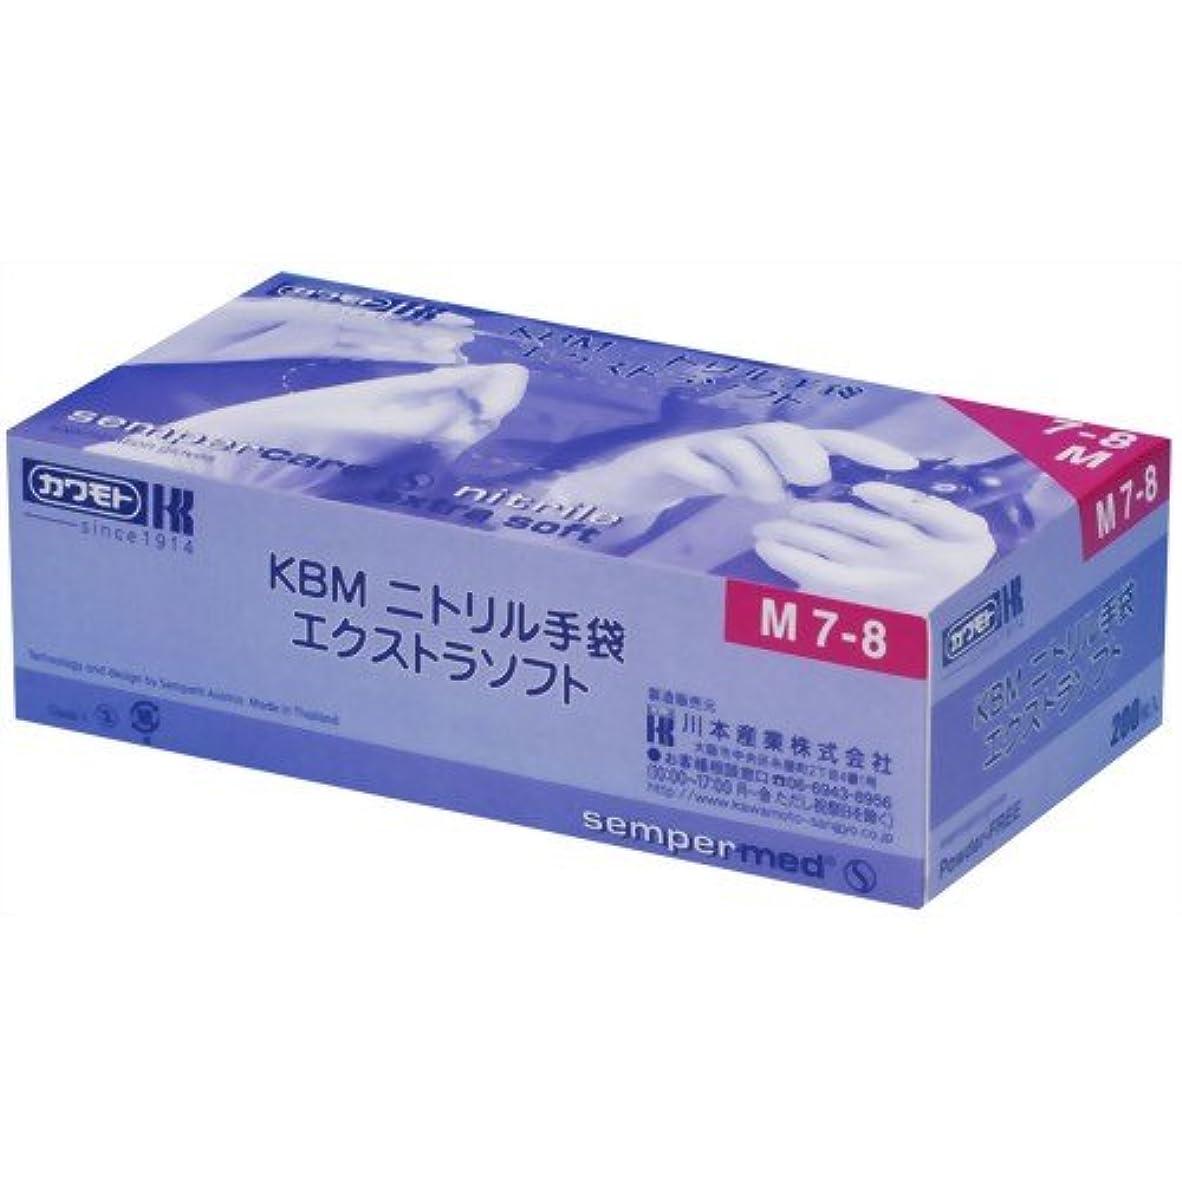 仲介者伝染性実験KBMニトリル手袋PF エクストラソフト Sサイズ200枚